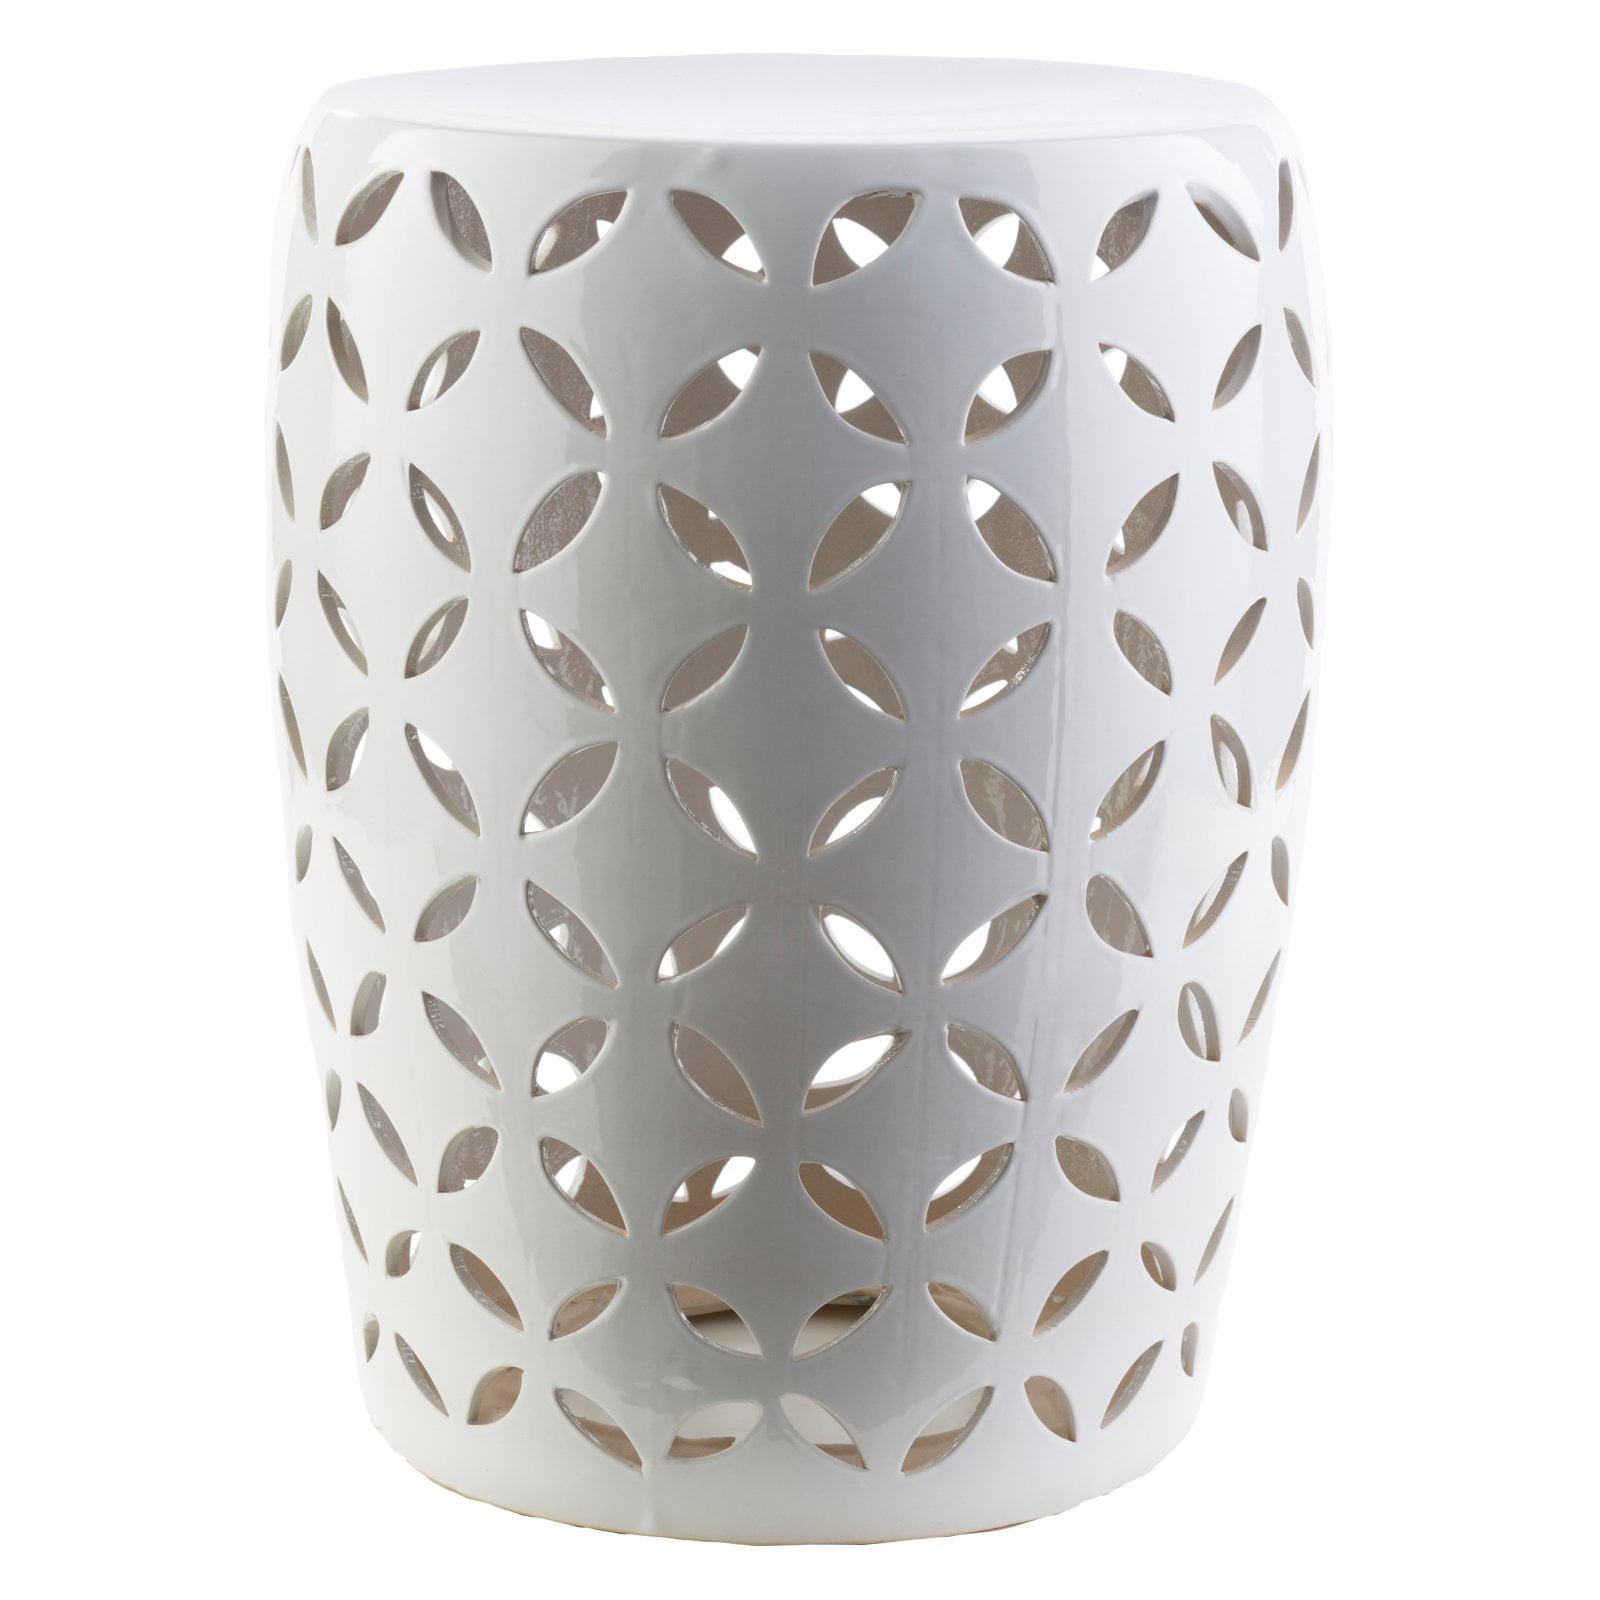 Surya Chantilly Ceramic Stool